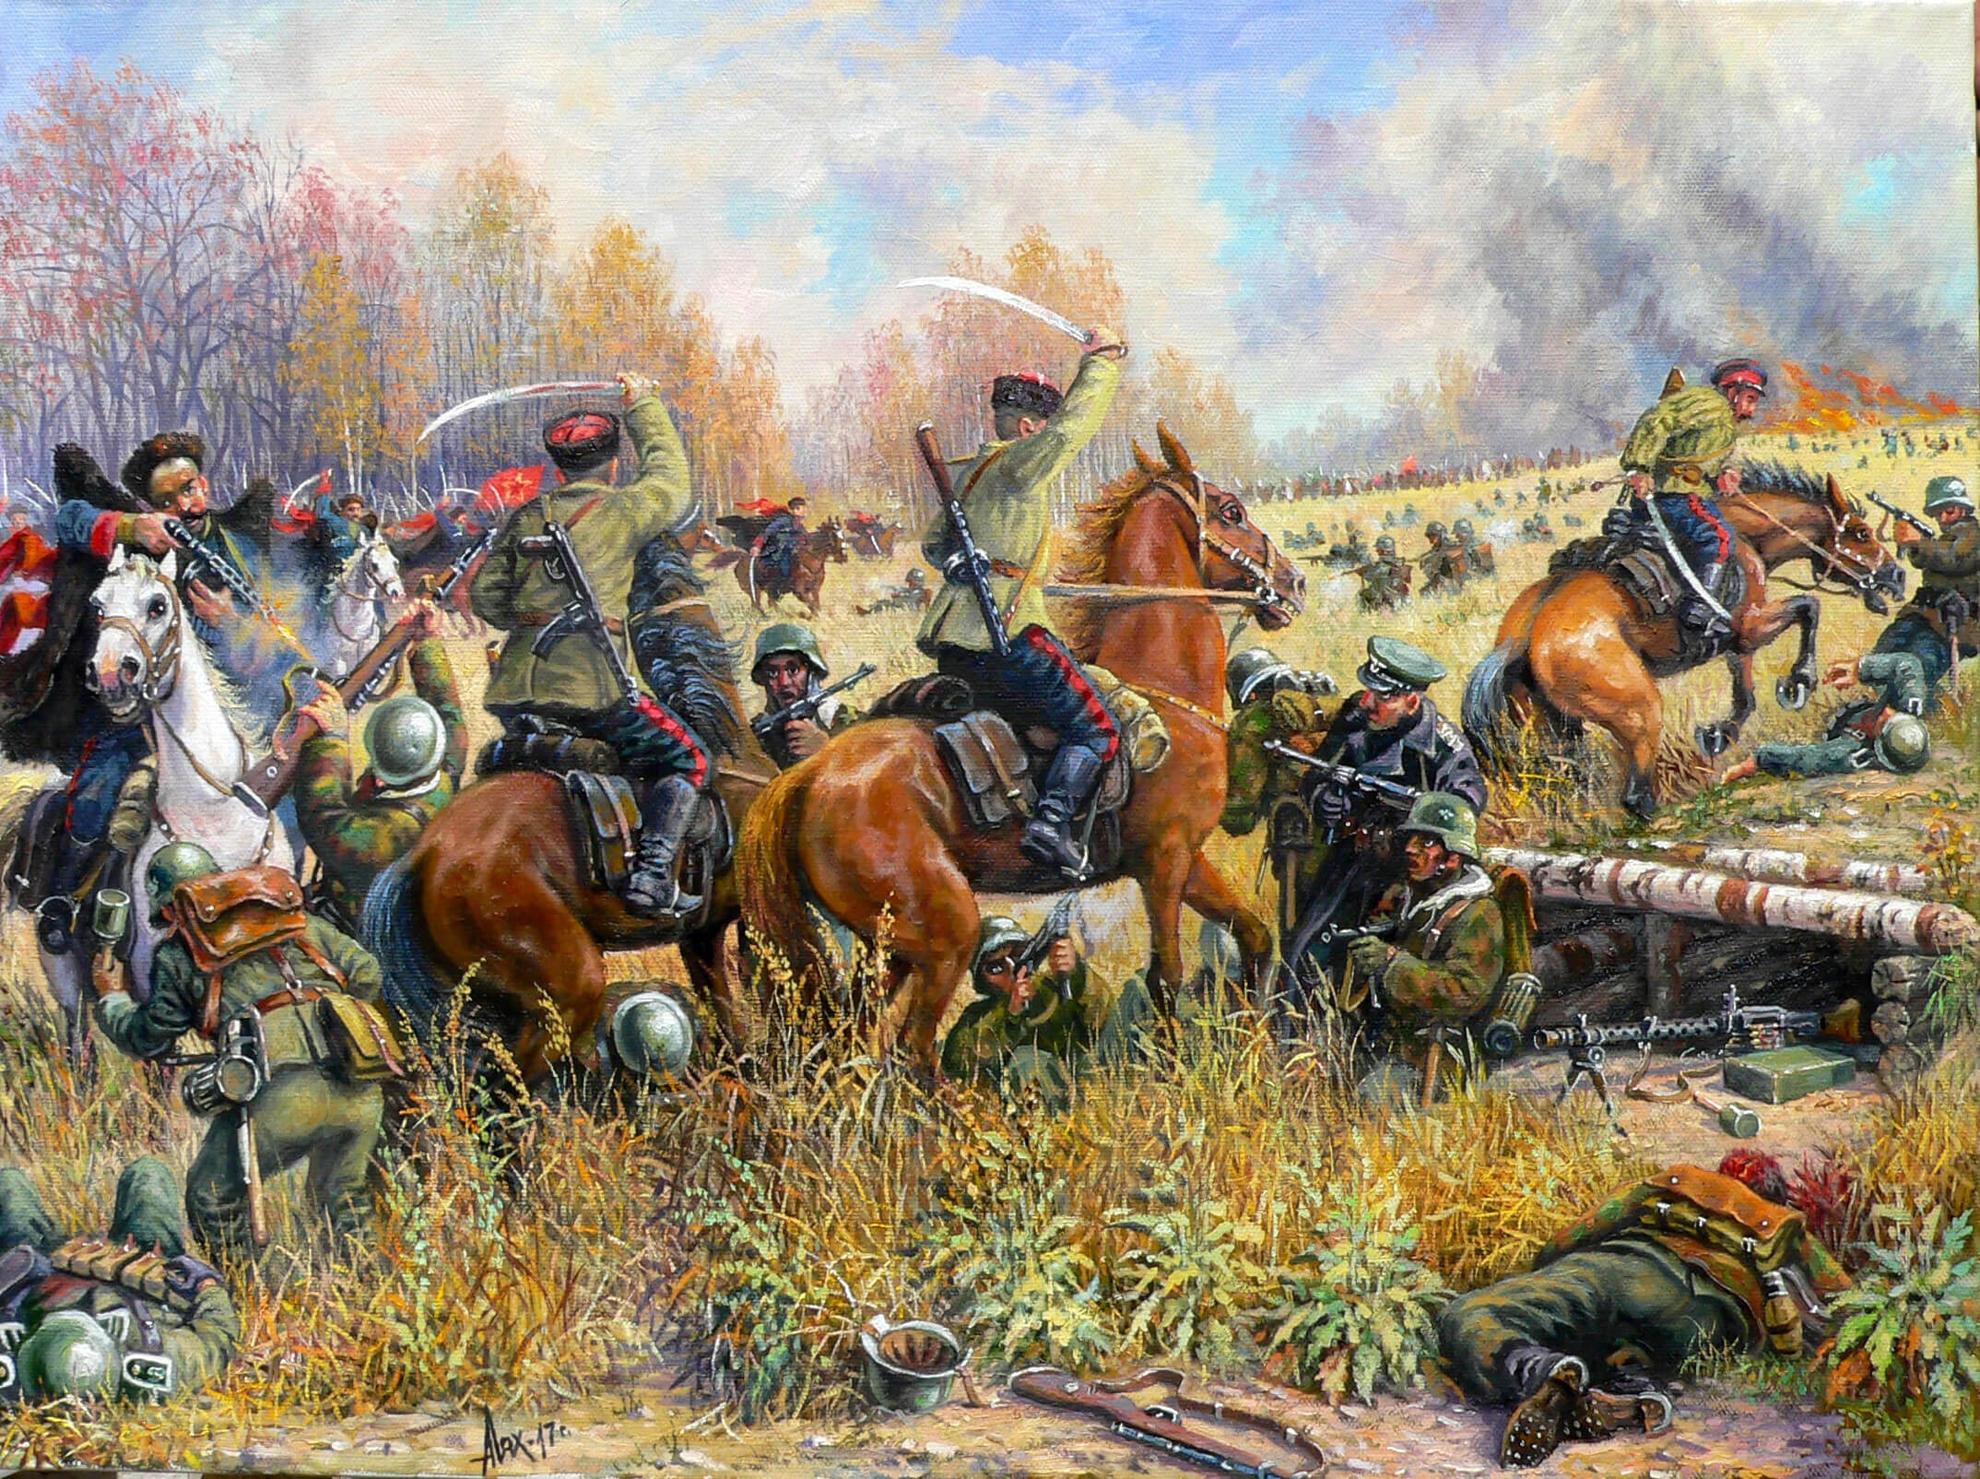 картинки вов кавалерия очень интересный сюжет